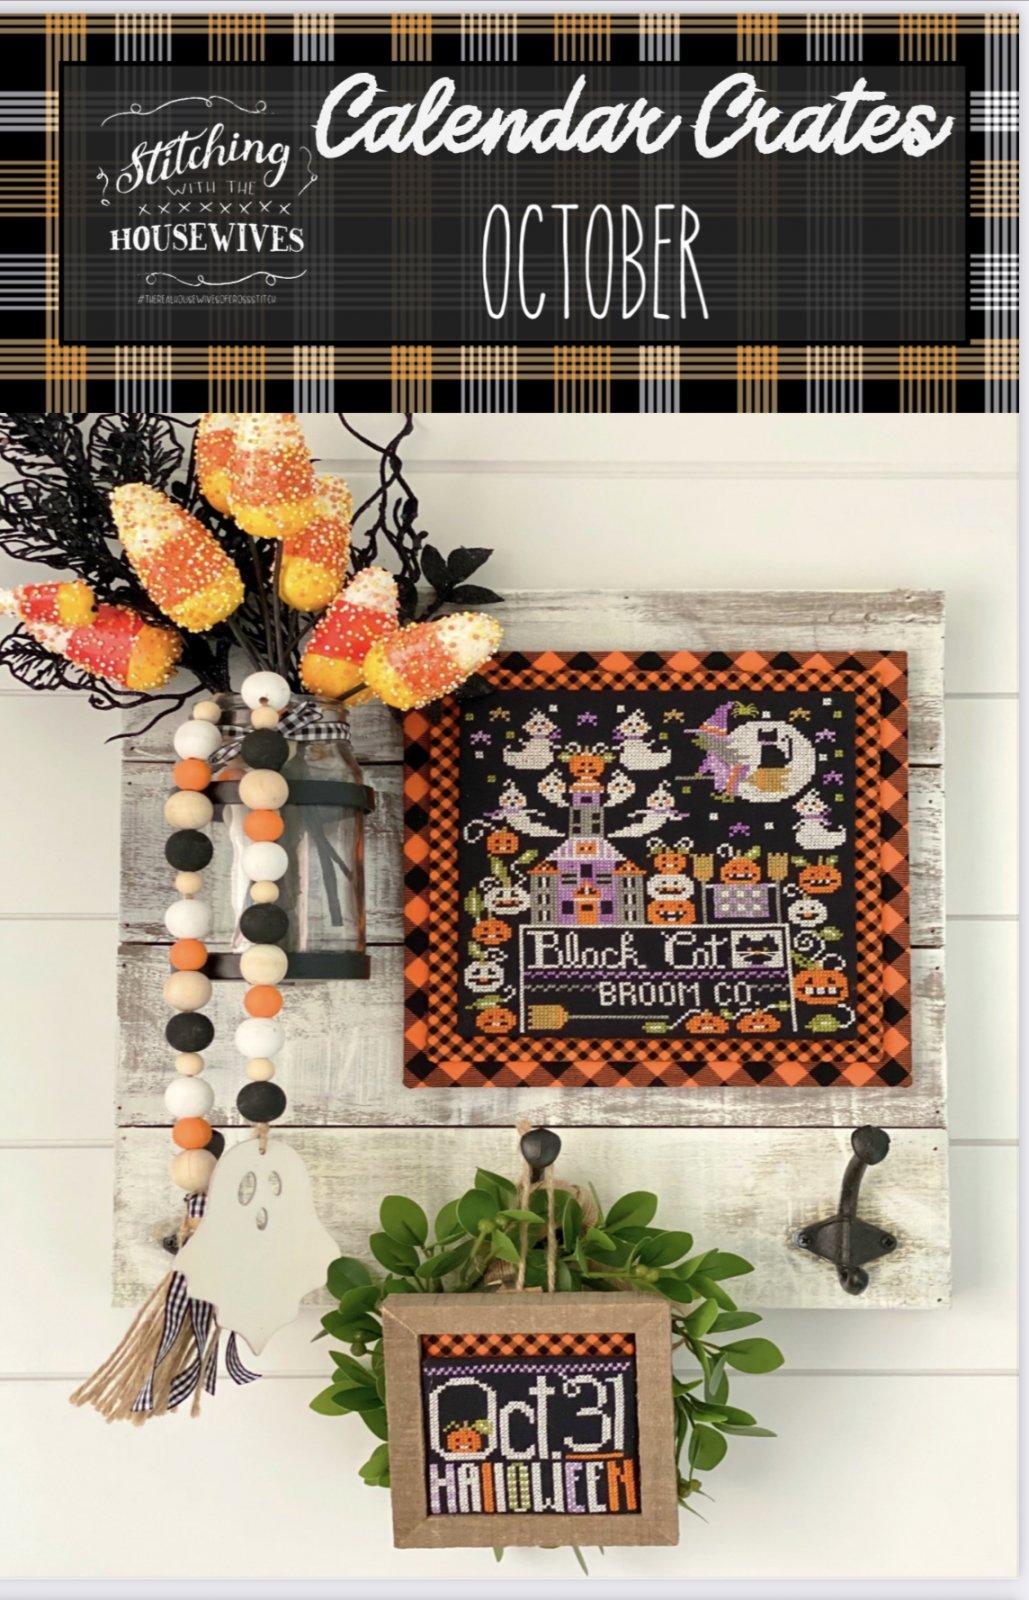 Calendar Crates October